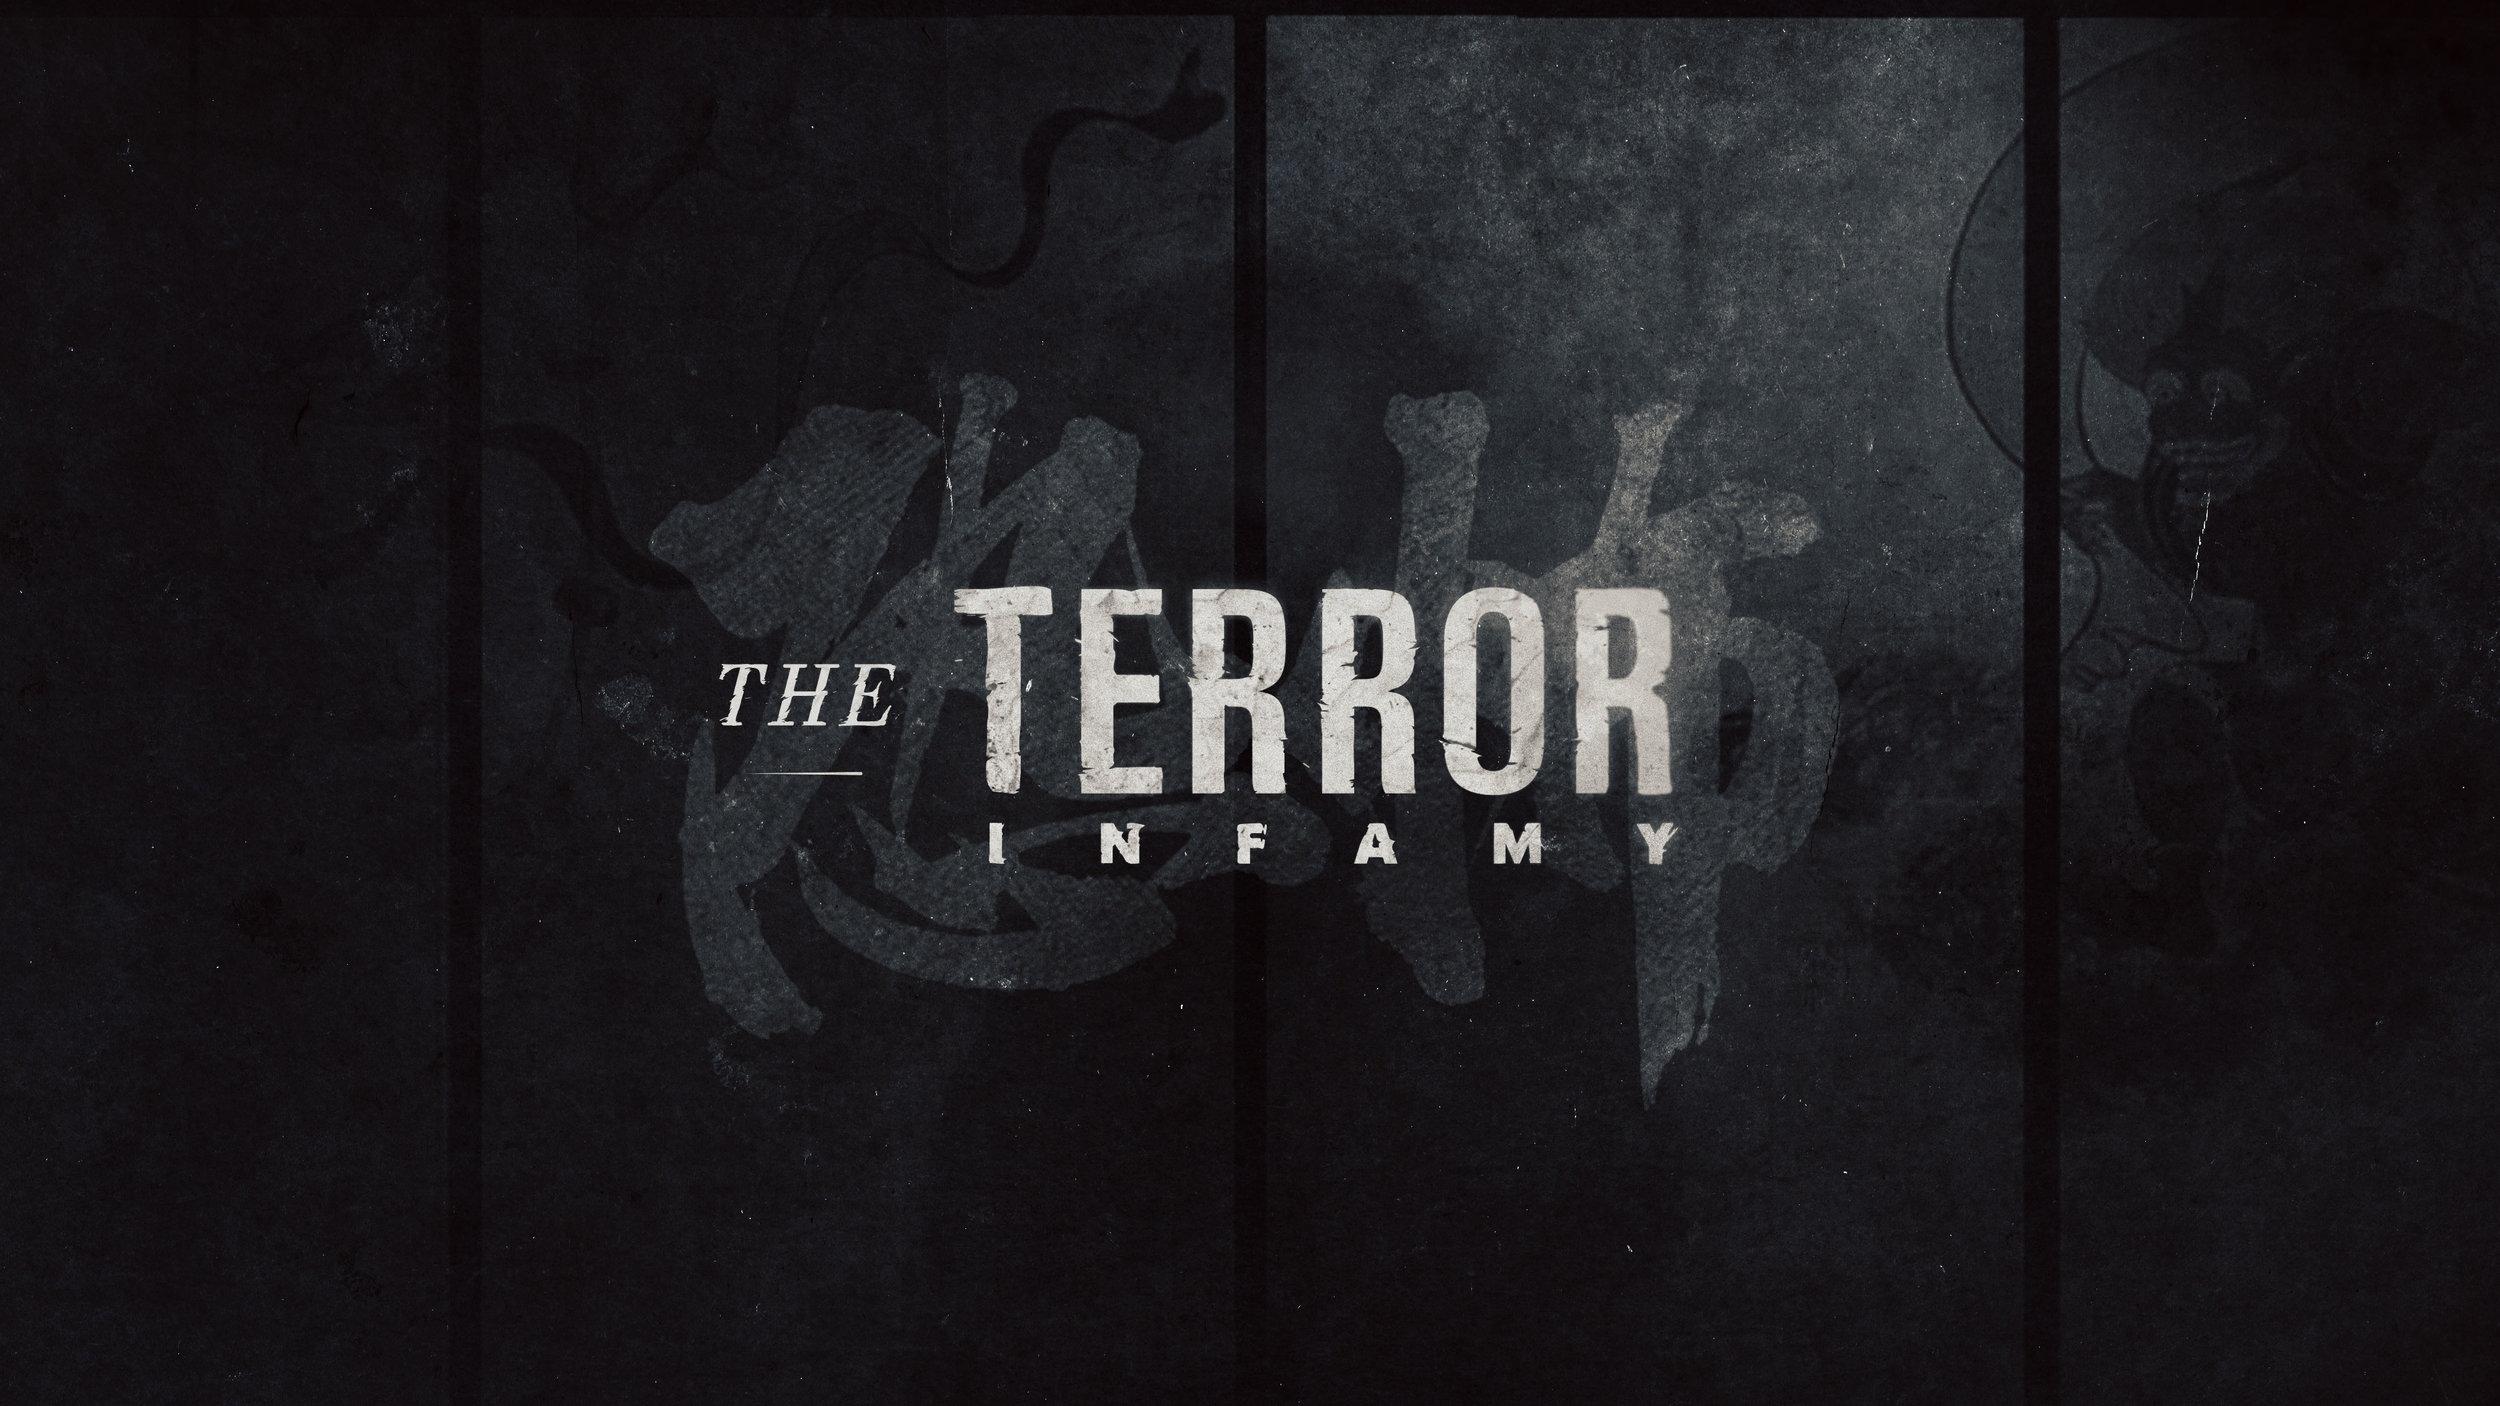 TERROR_INFAMY_NIHONGA_09_PeterPak.jpg